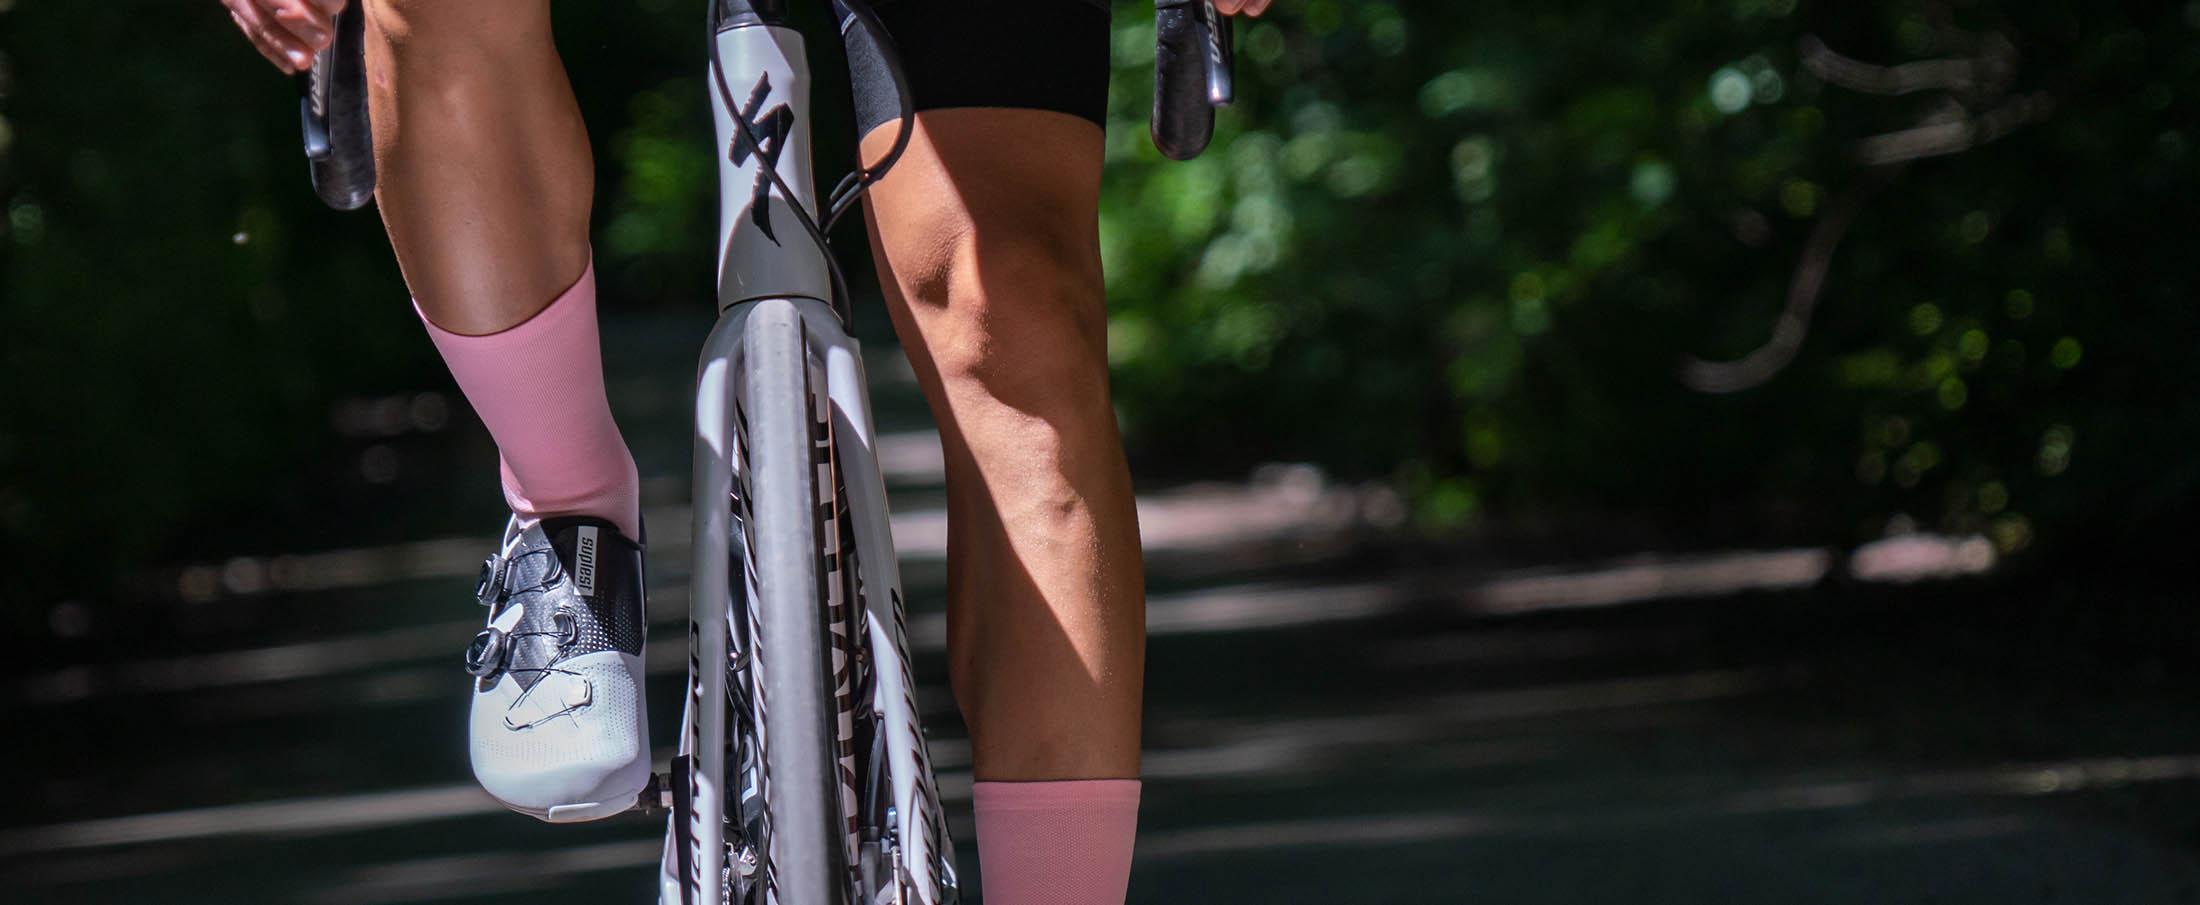 całe lekko różowe skarpetki rowerowe polskiej marki Luxa